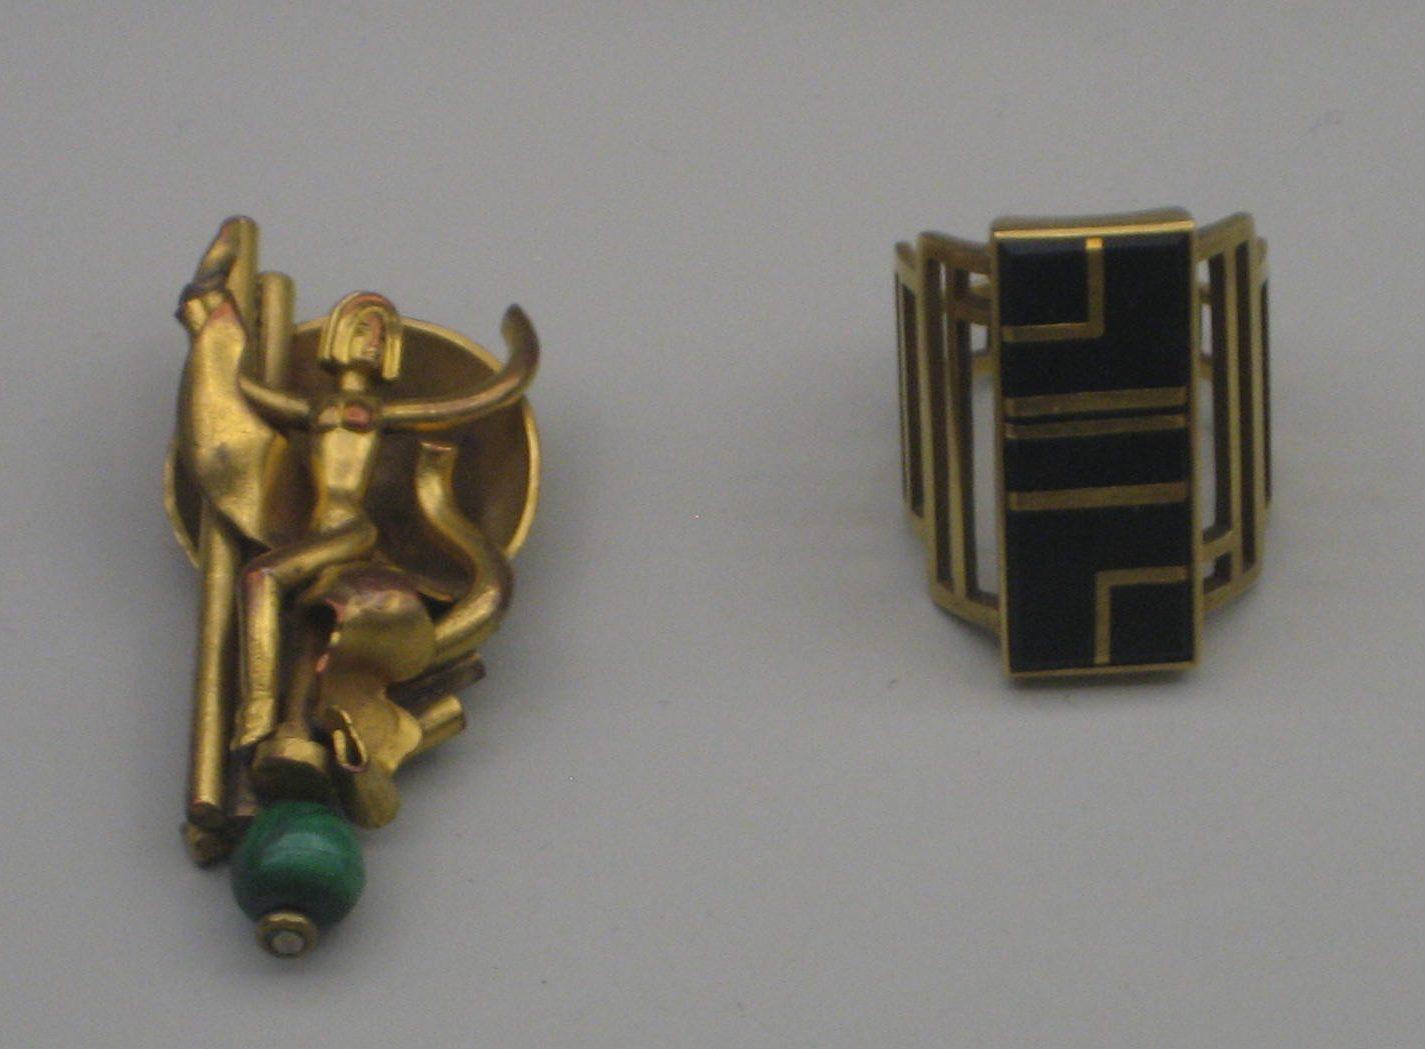 Herbert Zeitner, broche, 1922 en Gerhard Duve, ring, 1926-1927. Collectie Grassimuseum. Foto Esther Doornbusch, CC BY 4.0